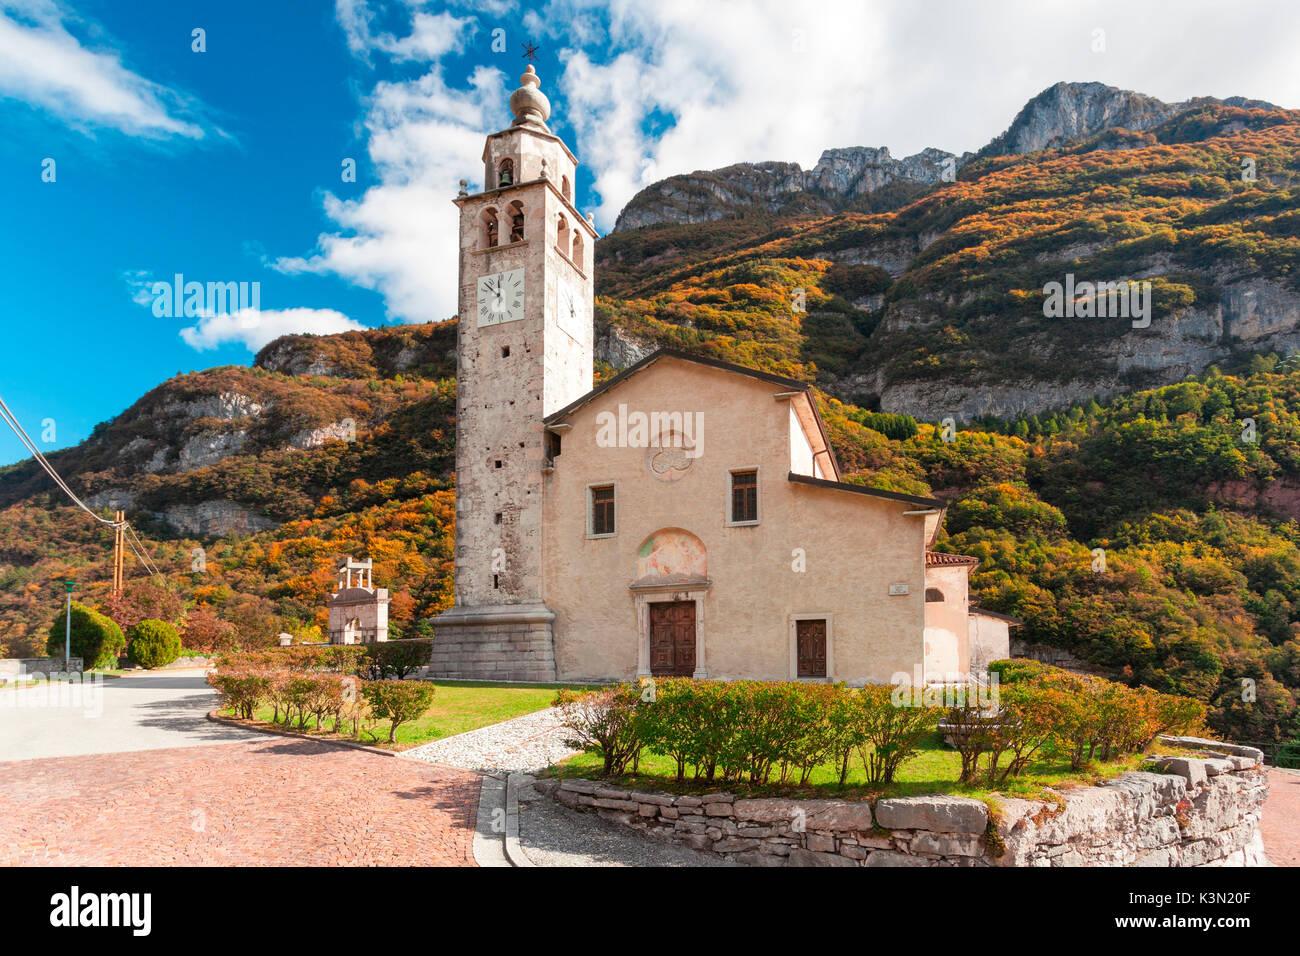 The Church of San Quirico and Juliet, Castellavazzo, Belluno - Stock Image